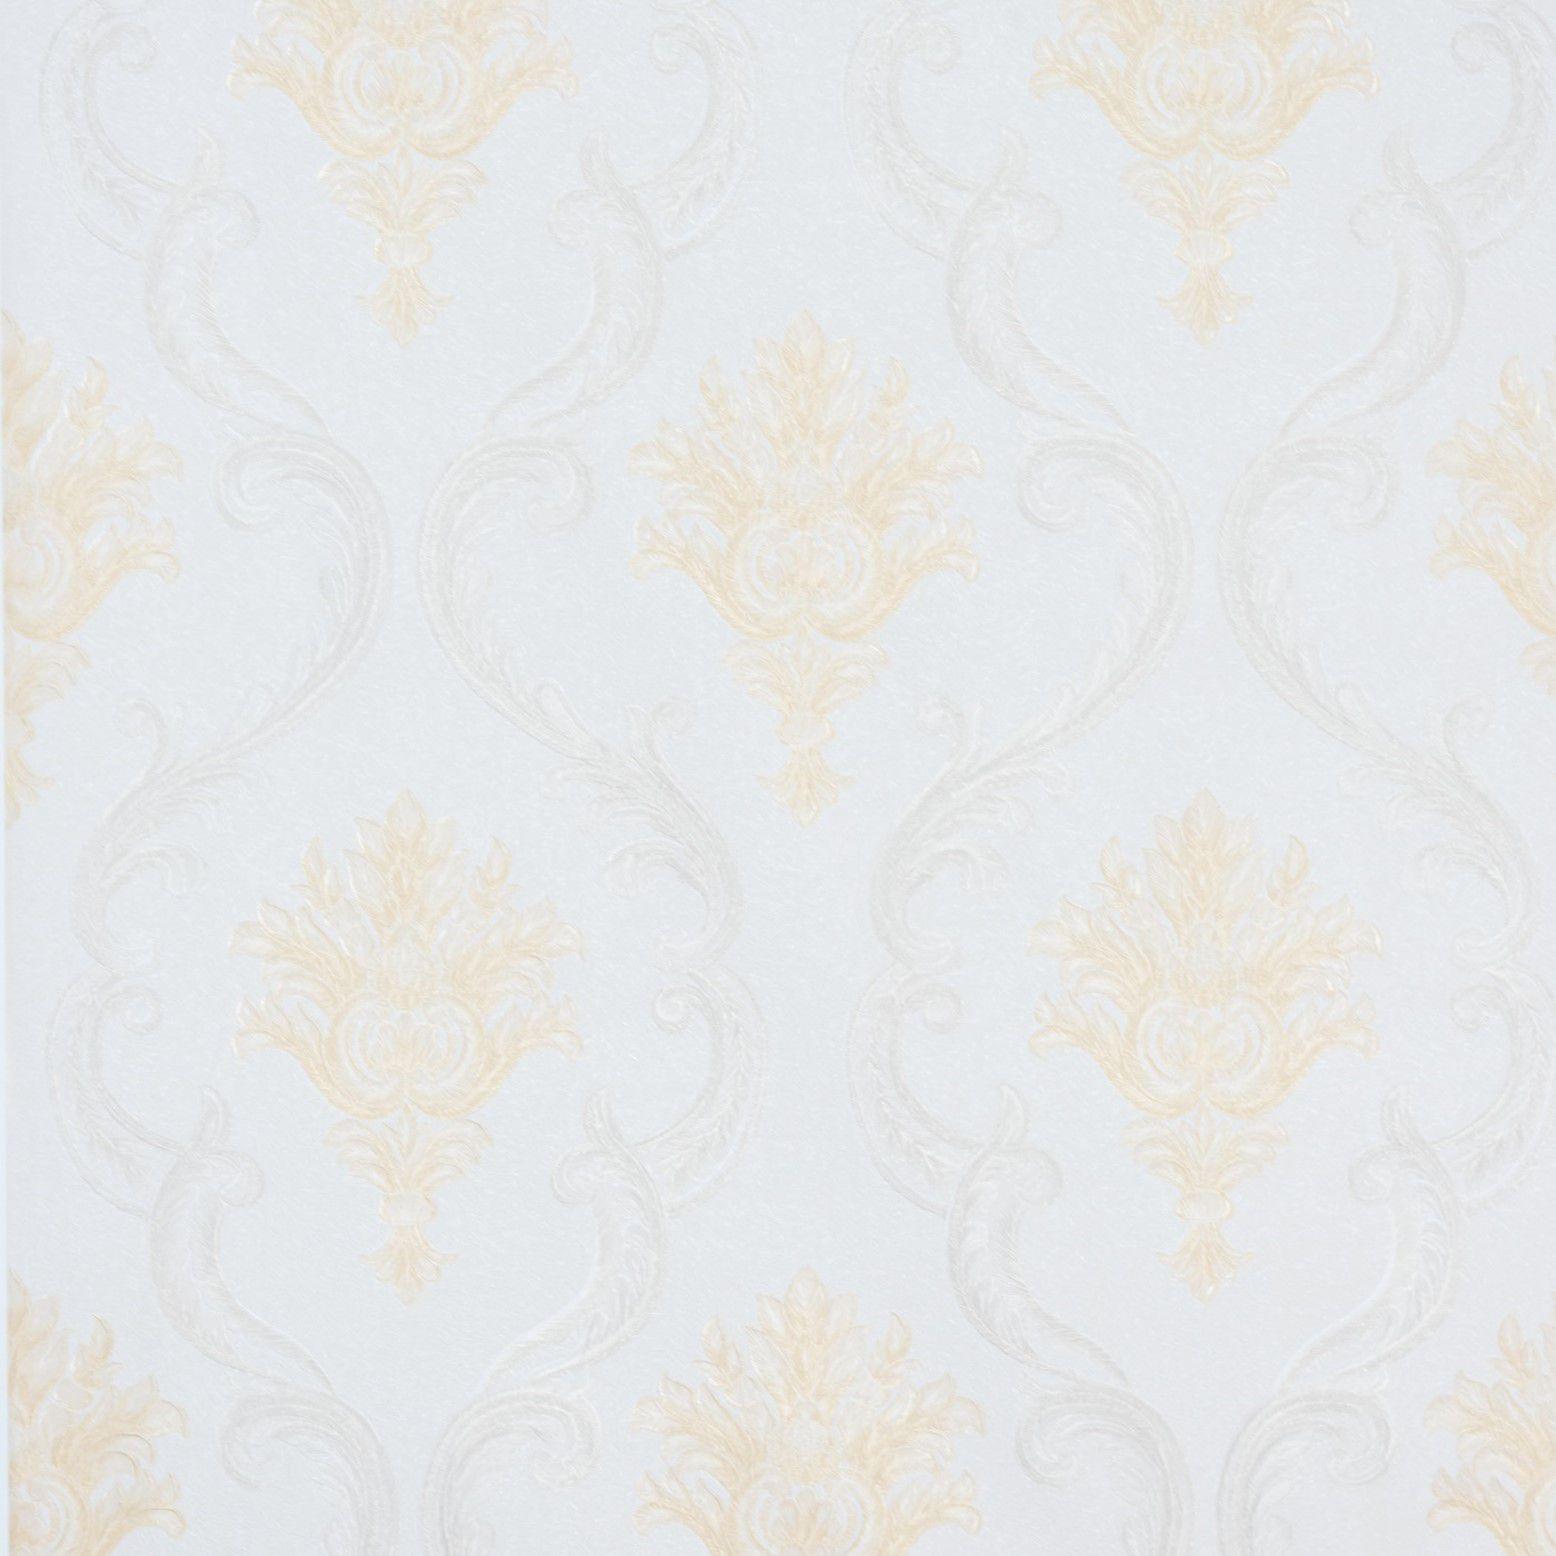 Papel de Parede Paris Decor Vinílico Coleção Colmar Damask Off White, Dourado